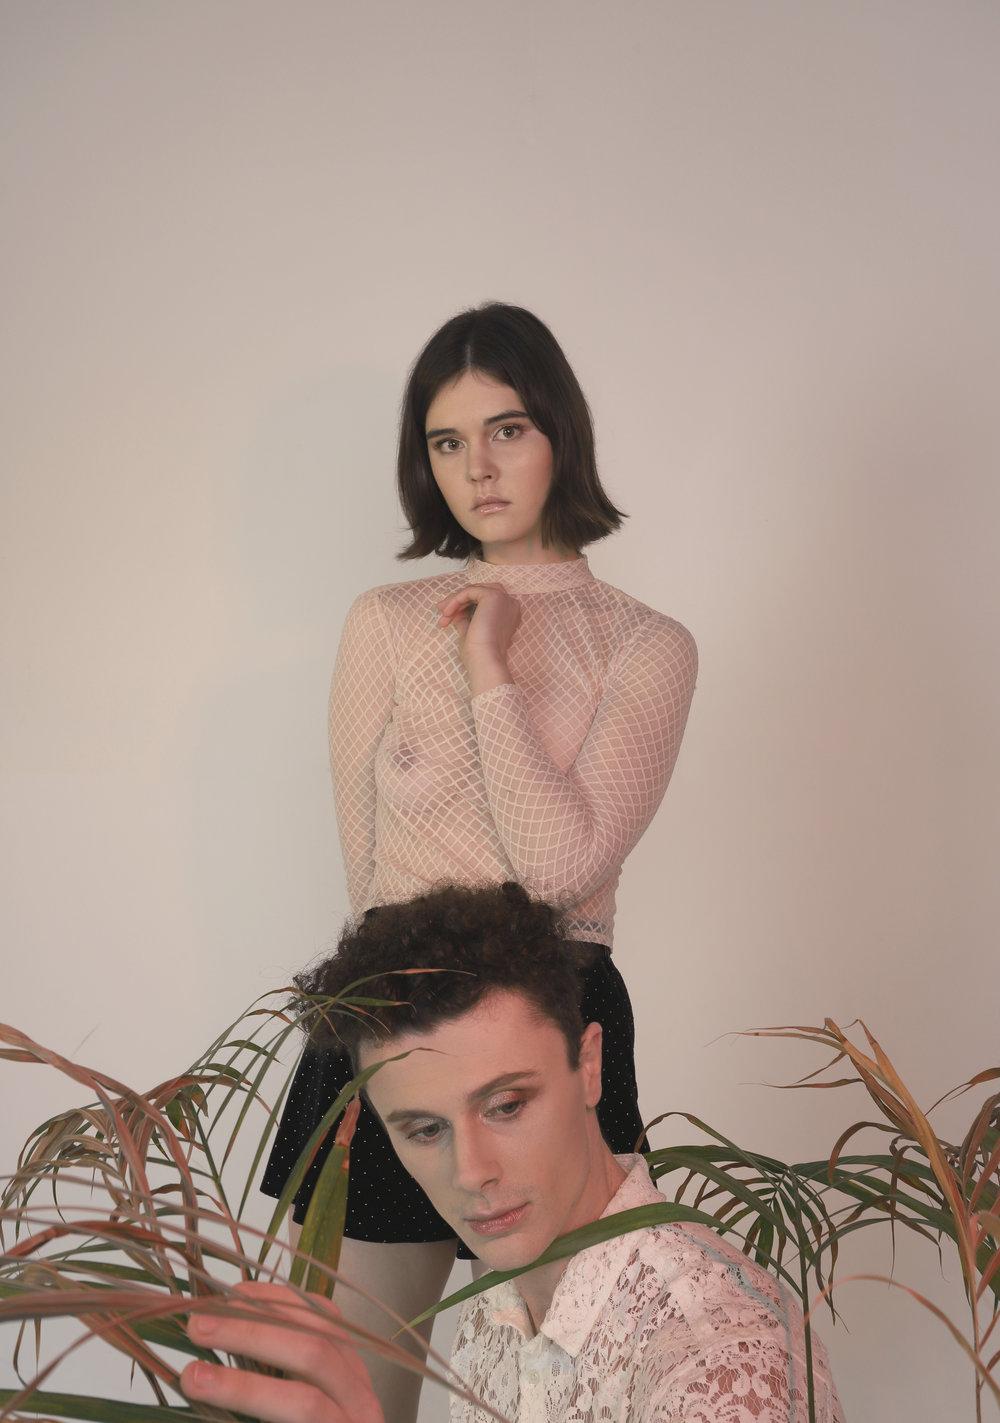 Nicholas Tredrea / Nick Tredrea with Natasha Rukavishnikova